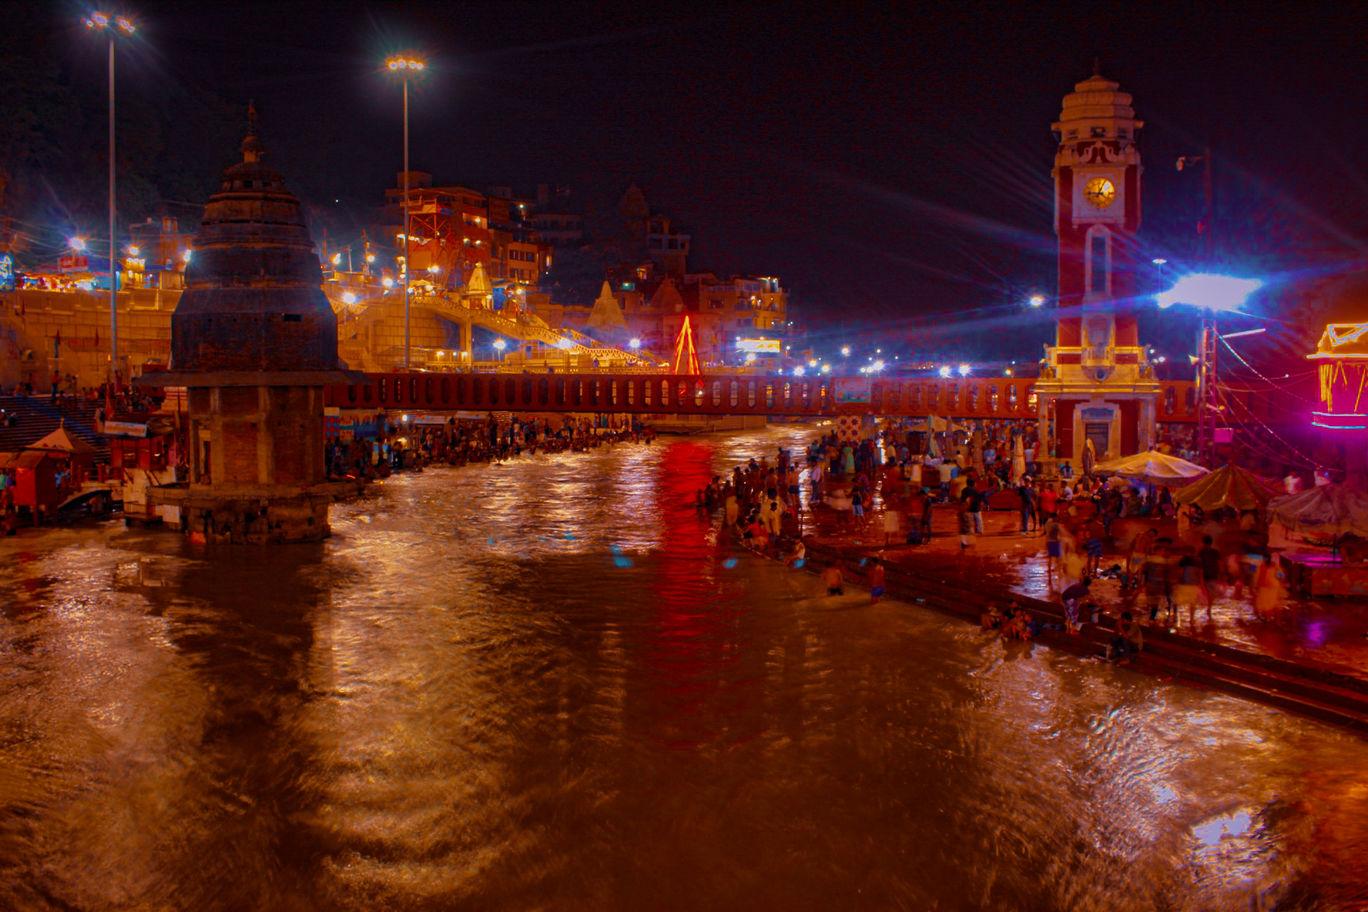 Photo of Haridwar Har Ki Pauri Ghat By Ankit Singh